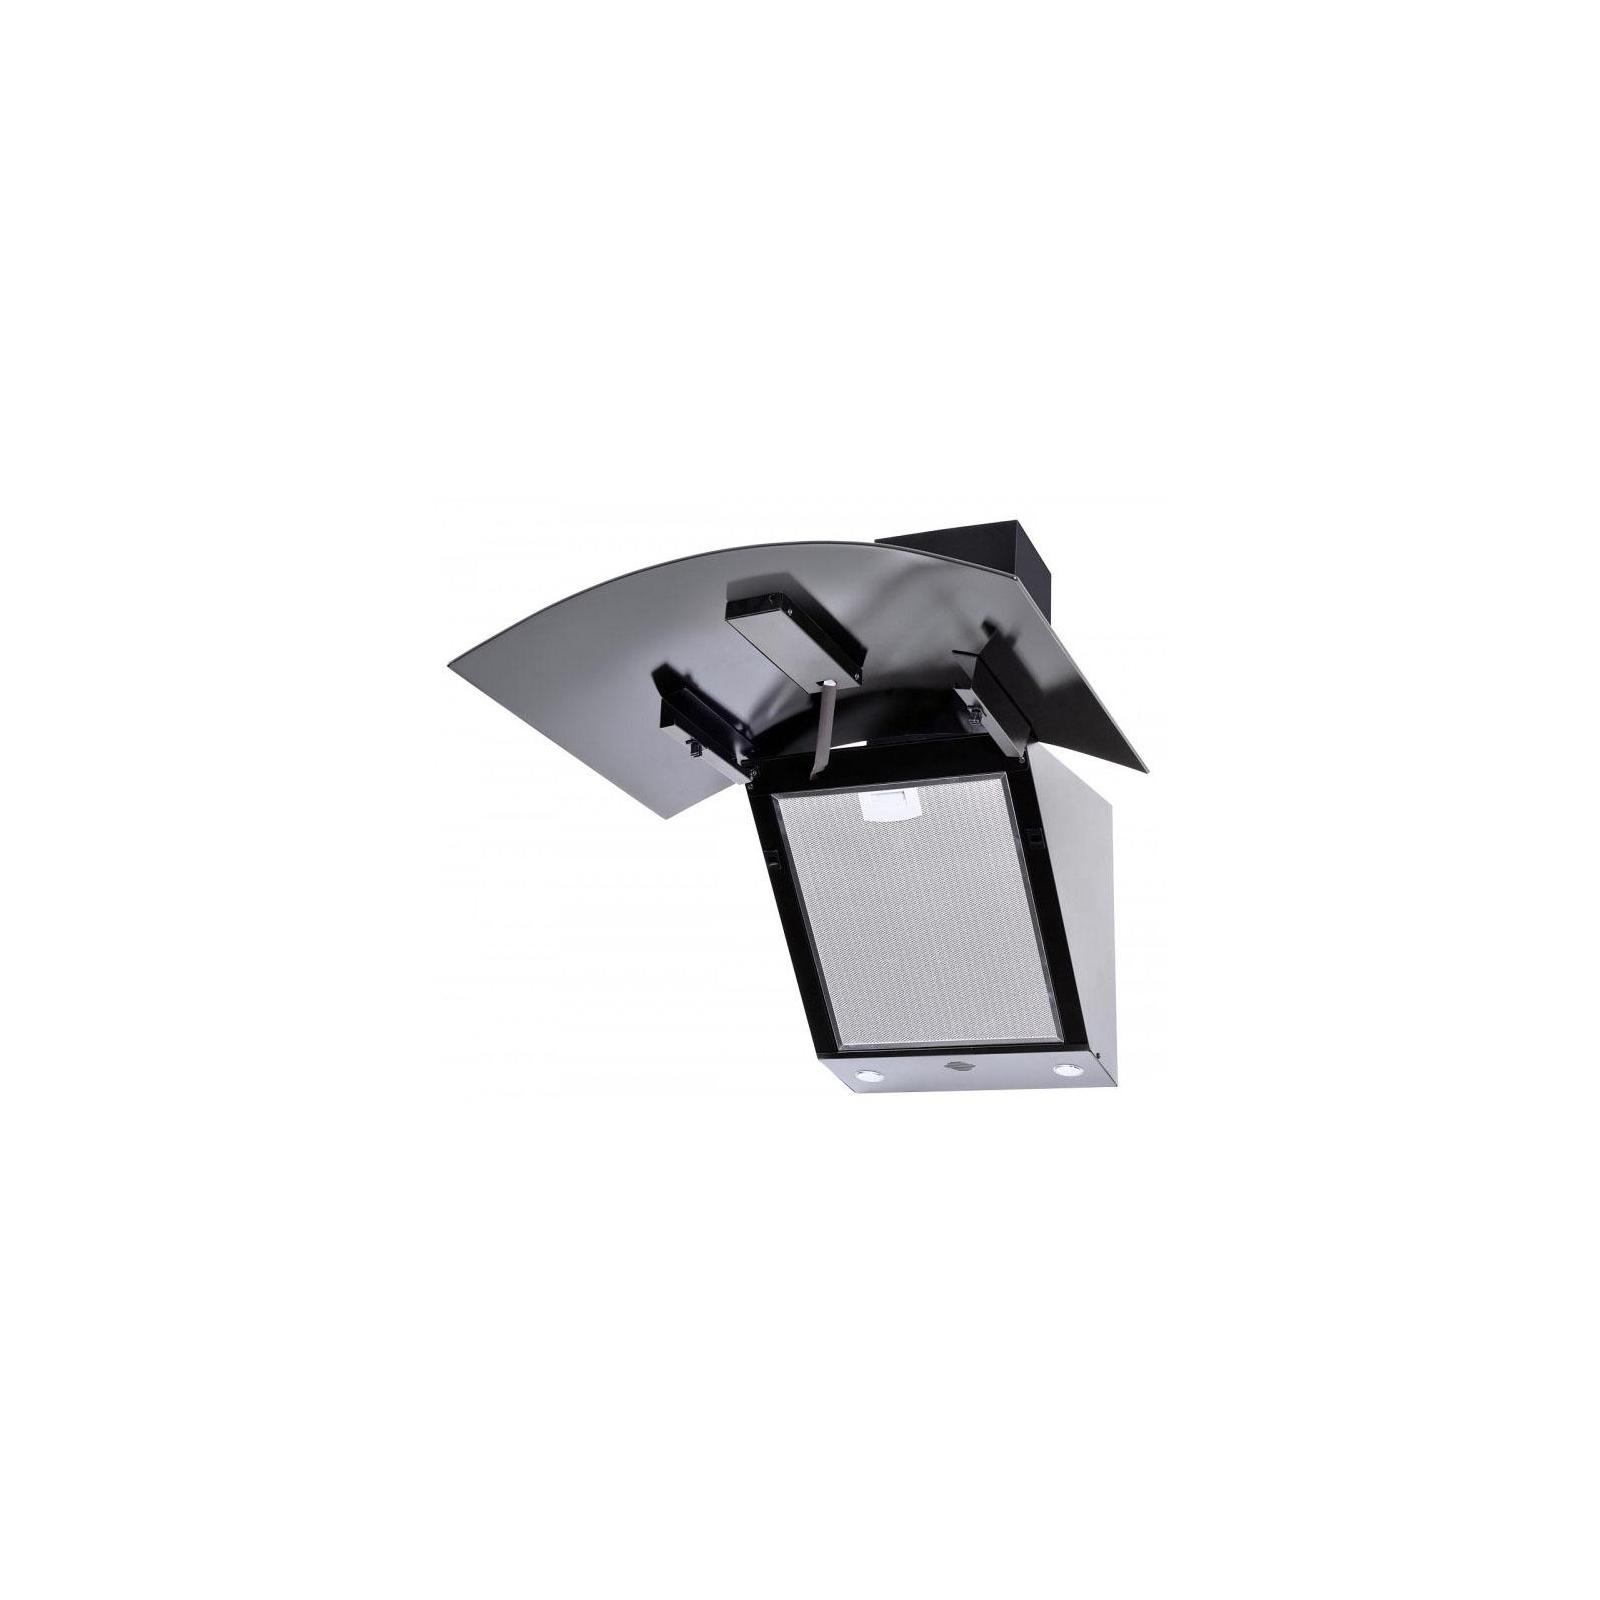 Вытяжка кухонная Ventolux SPACE 60 BK (750) TRC SD изображение 3